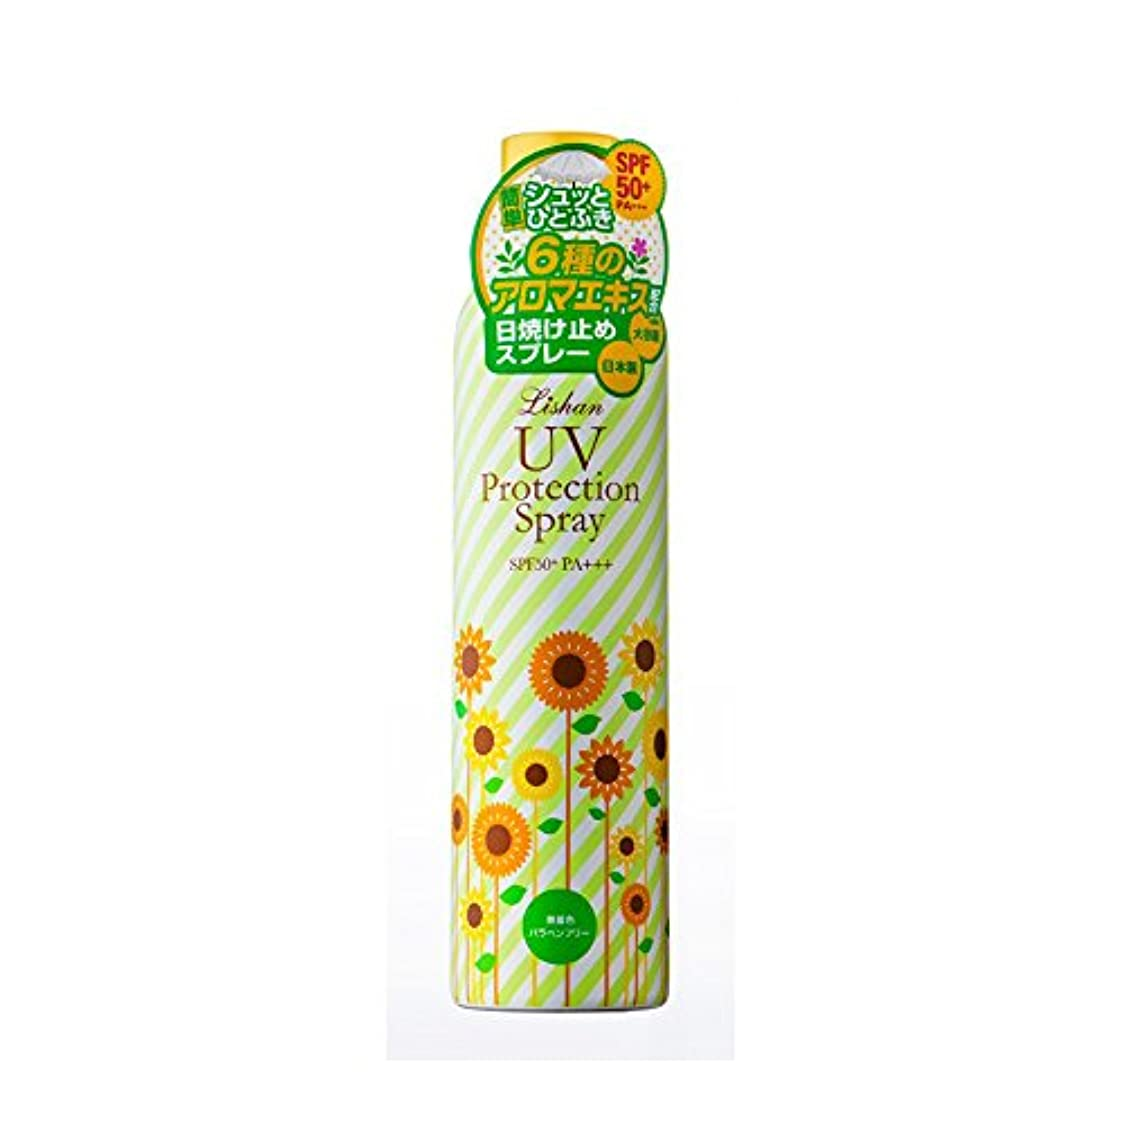 忌み嫌う思慮深いインストールリシャン 大容量UVスプレー アロマミックスの香り (230g)